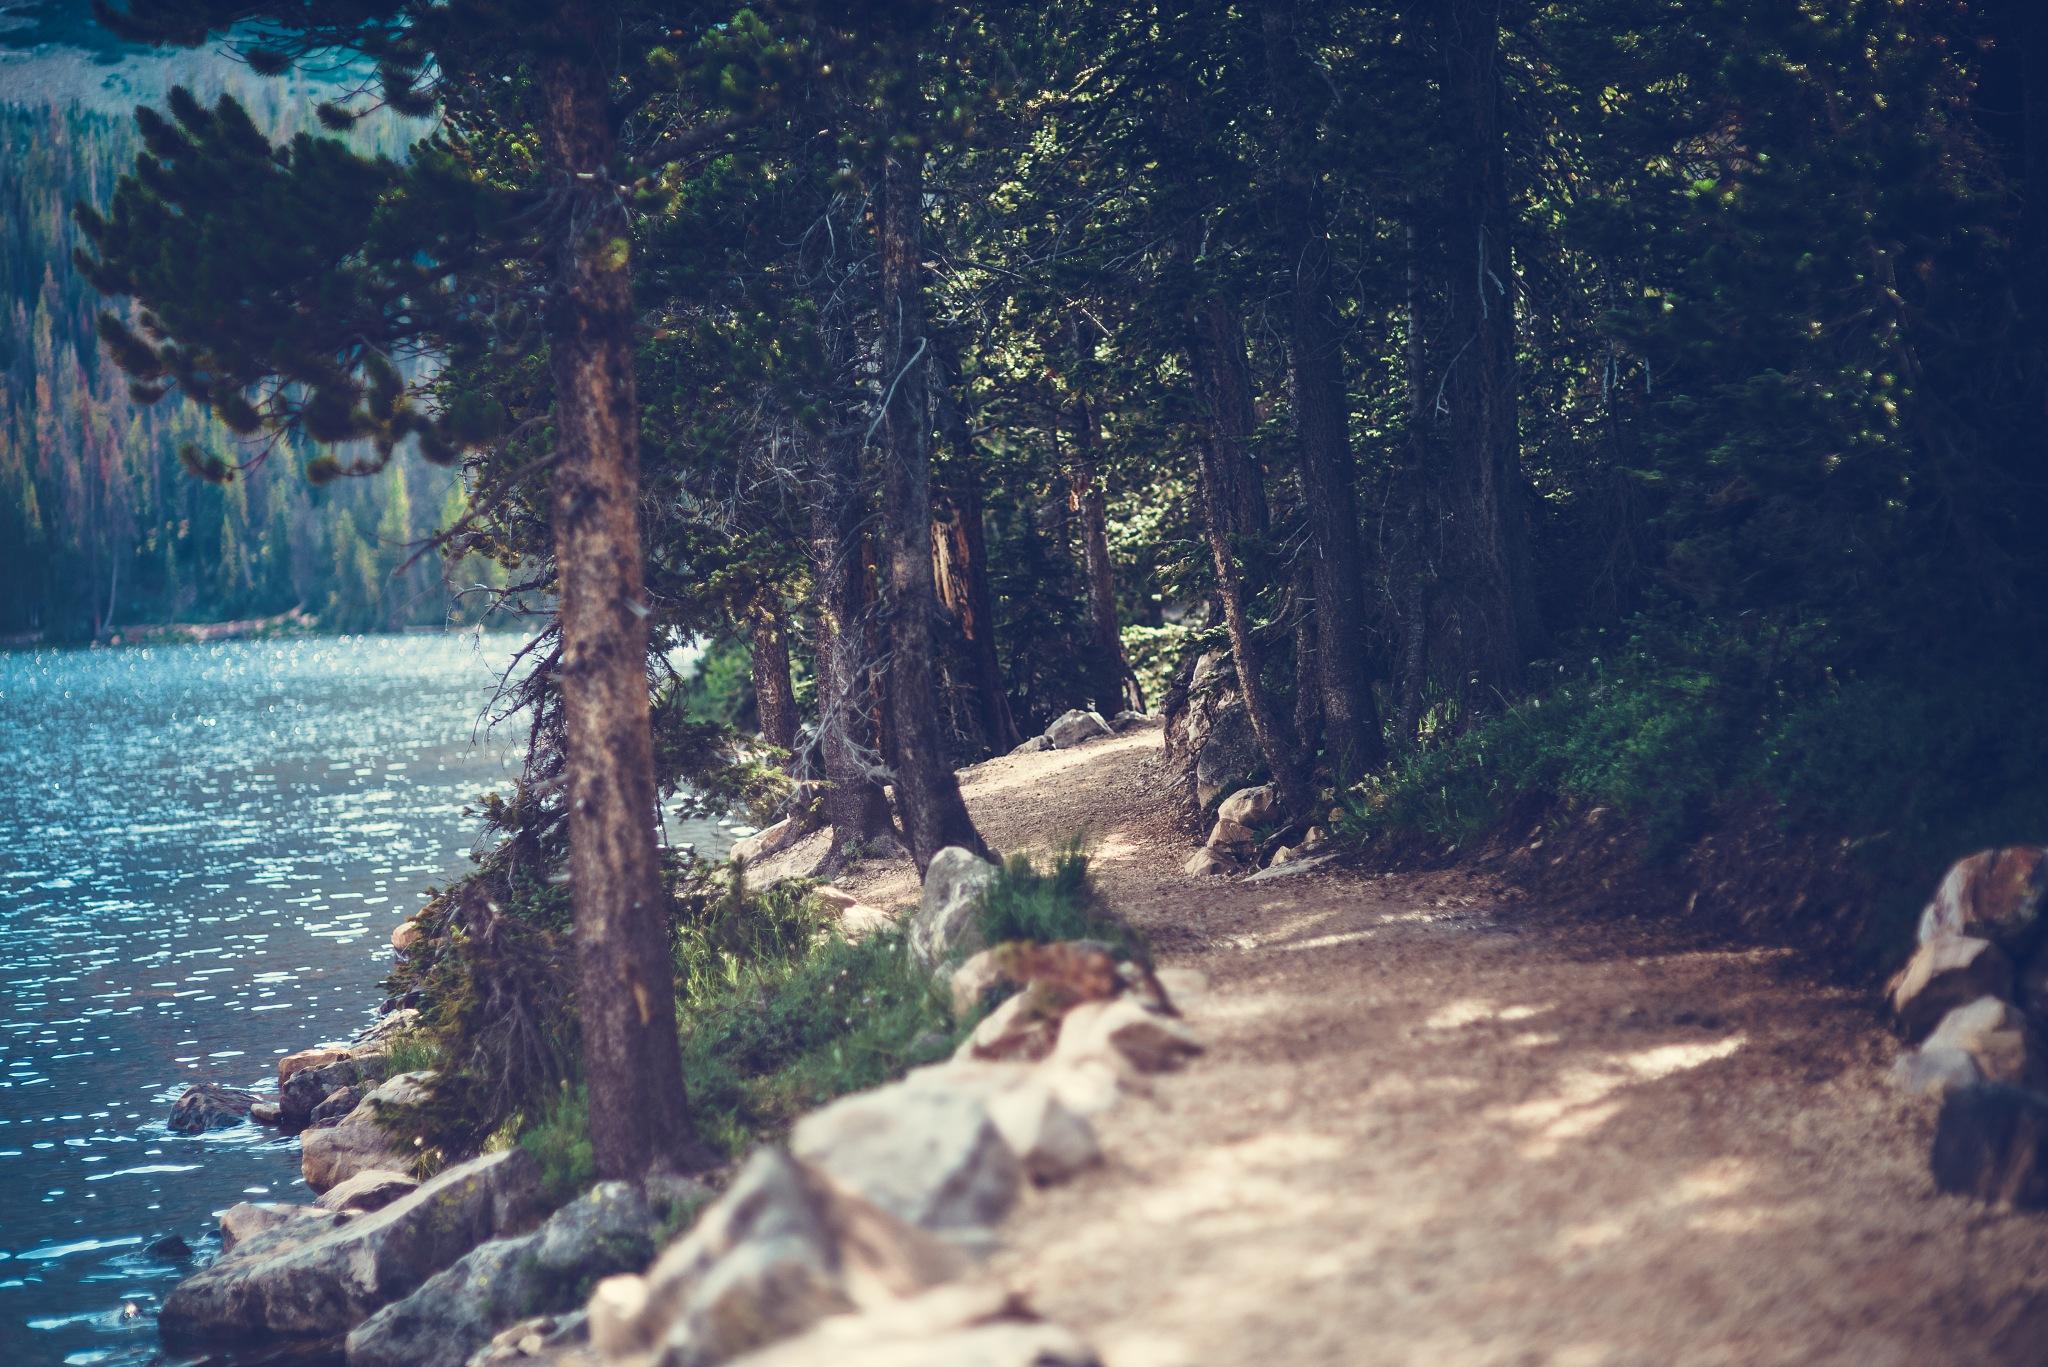 MIRROR LAKE VIEWS by fotosbylang